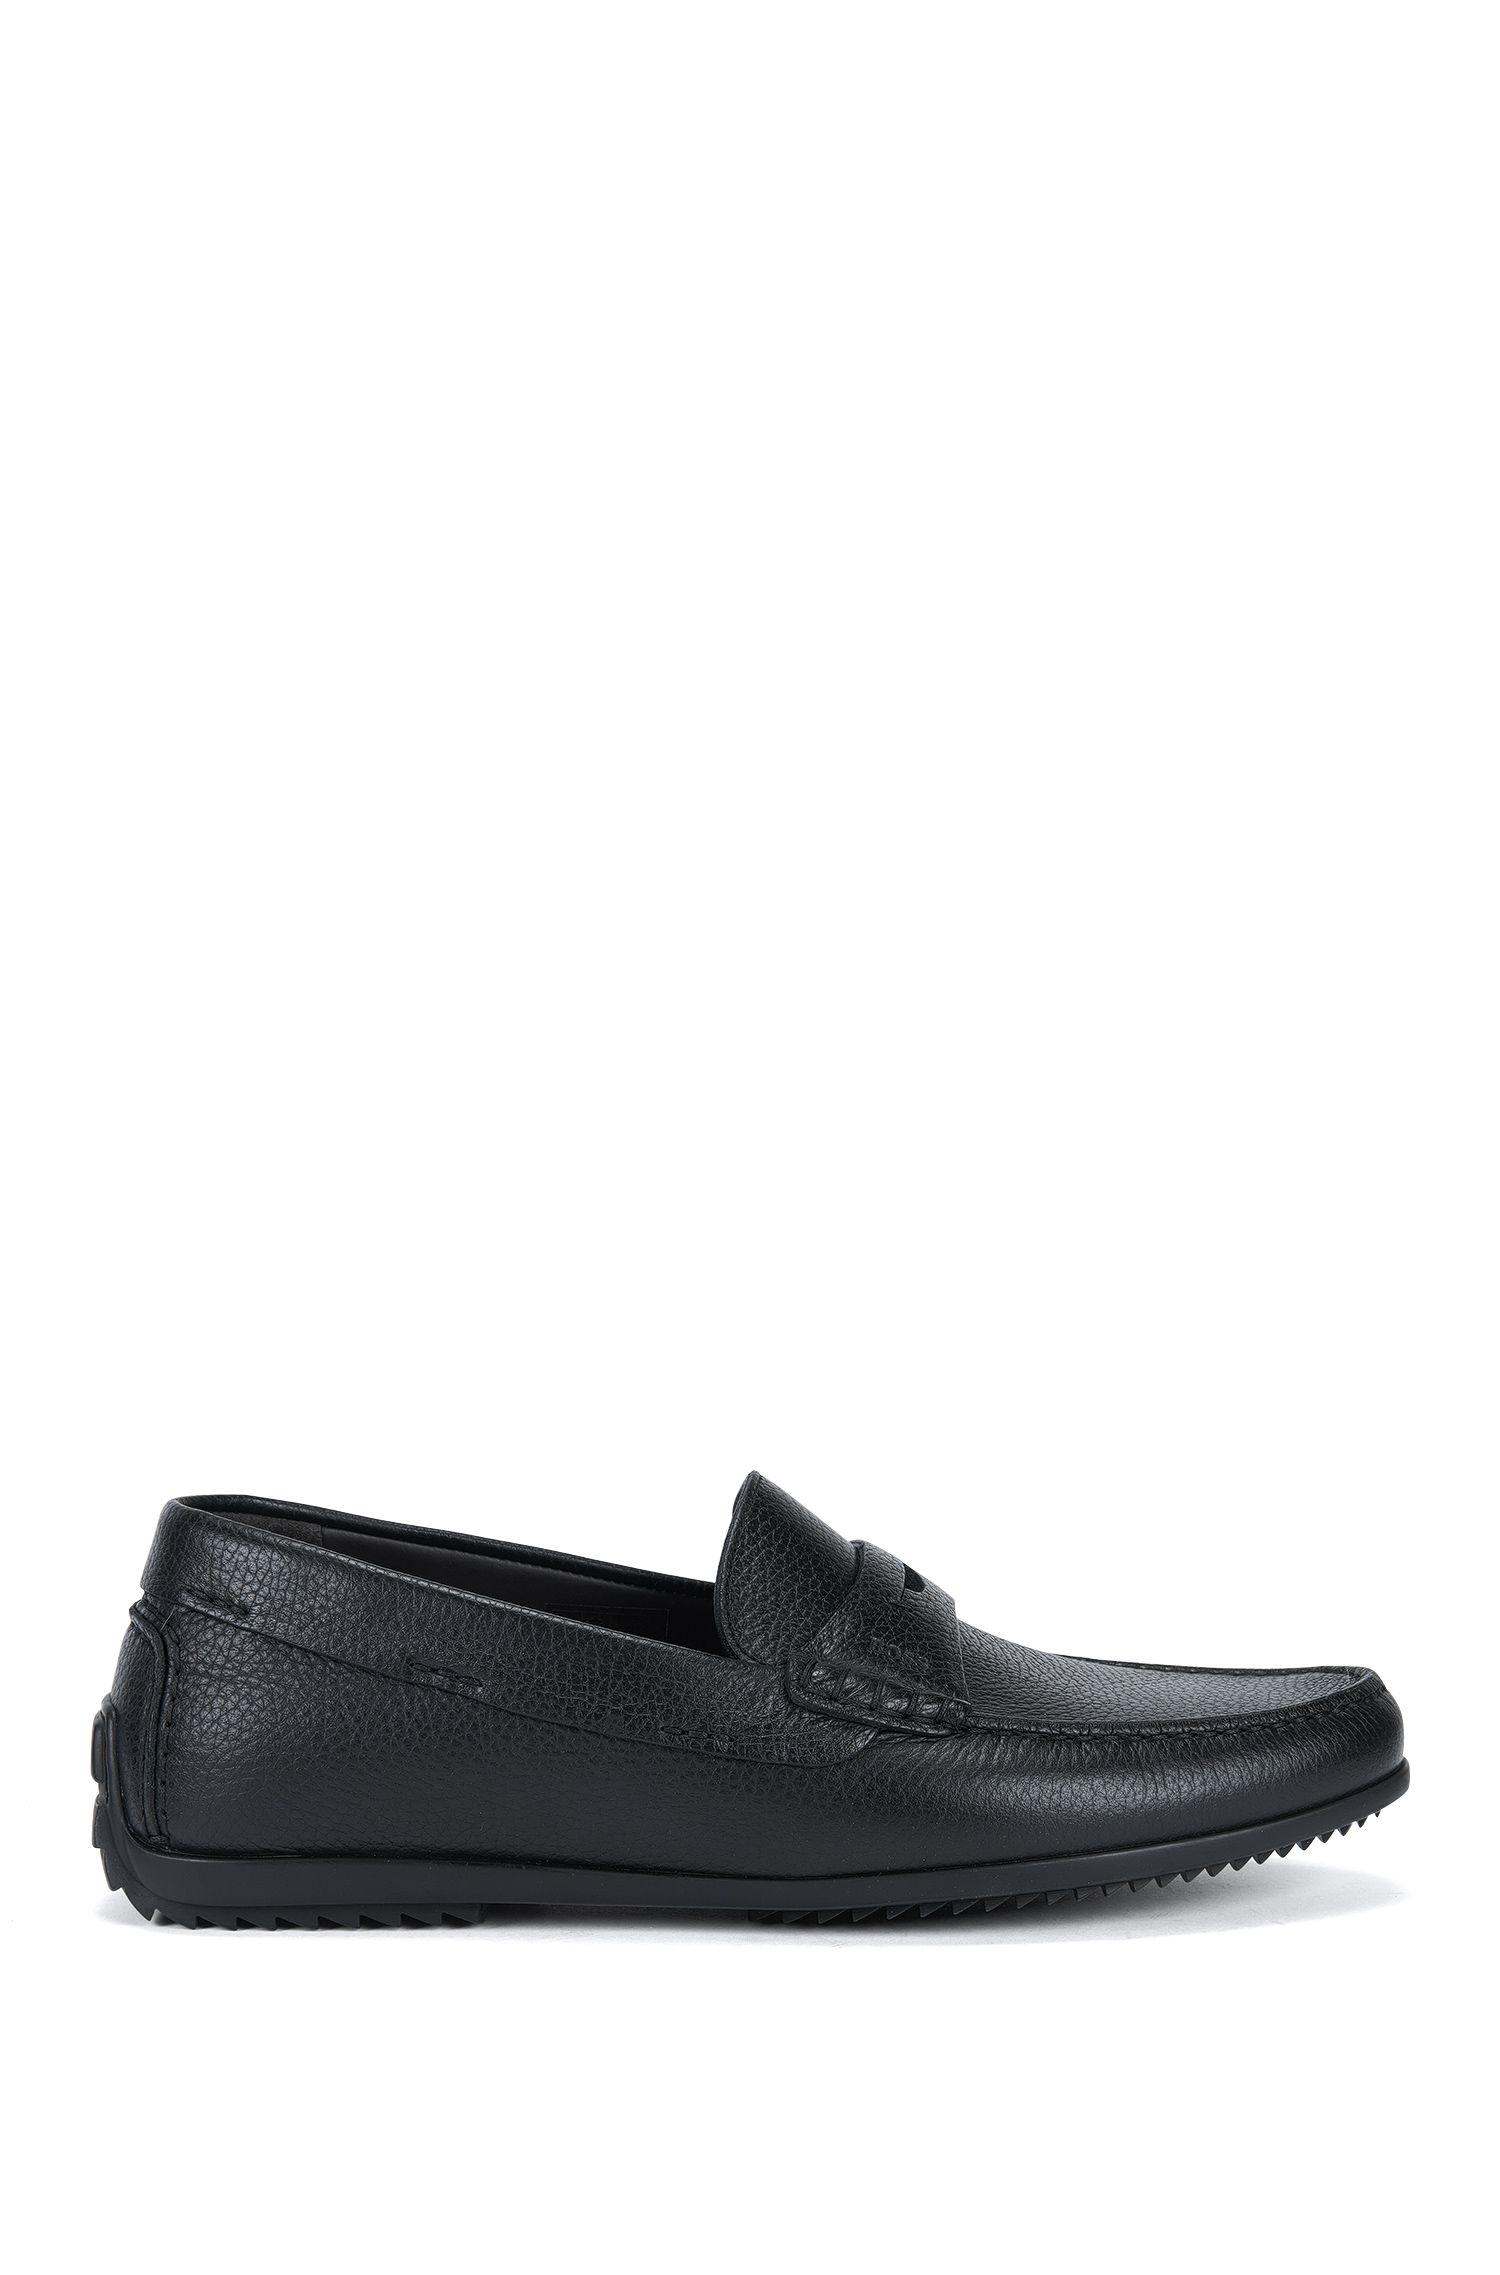 Chaussures en cuir de style mocassin à semelle à picots